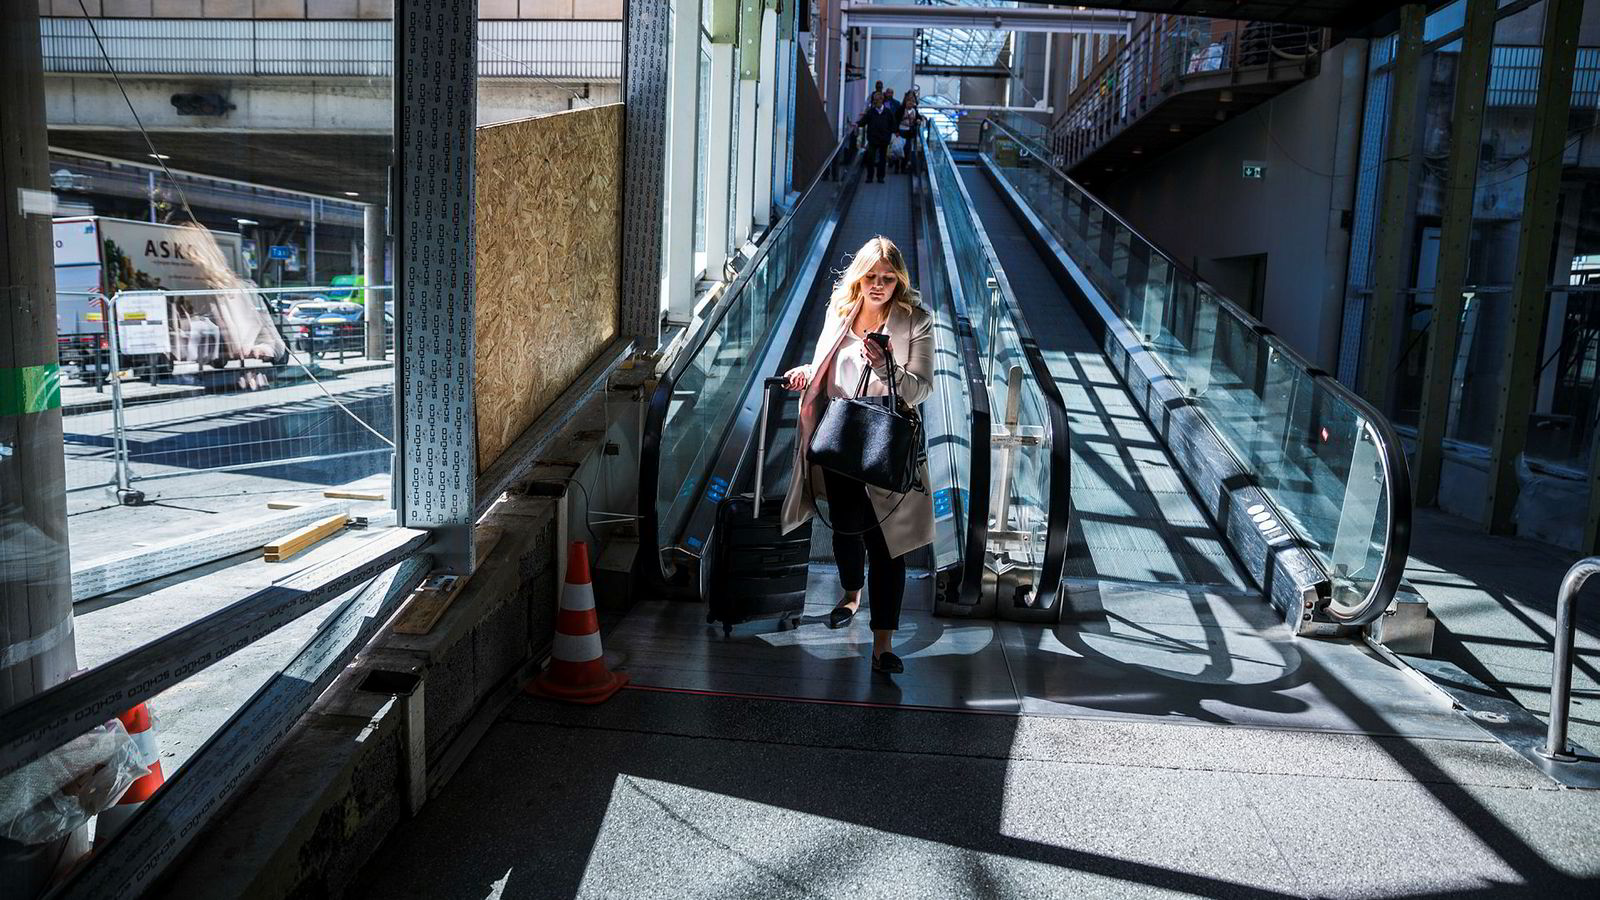 For Elisabeth Holien ser er hverdagen hektisk og forskjellig. Her er 22-åringen på vei til bussen til Telemark, hvor hun skal drive valgkamp hele helgen. Mellom slagene leser hun til eksamen.